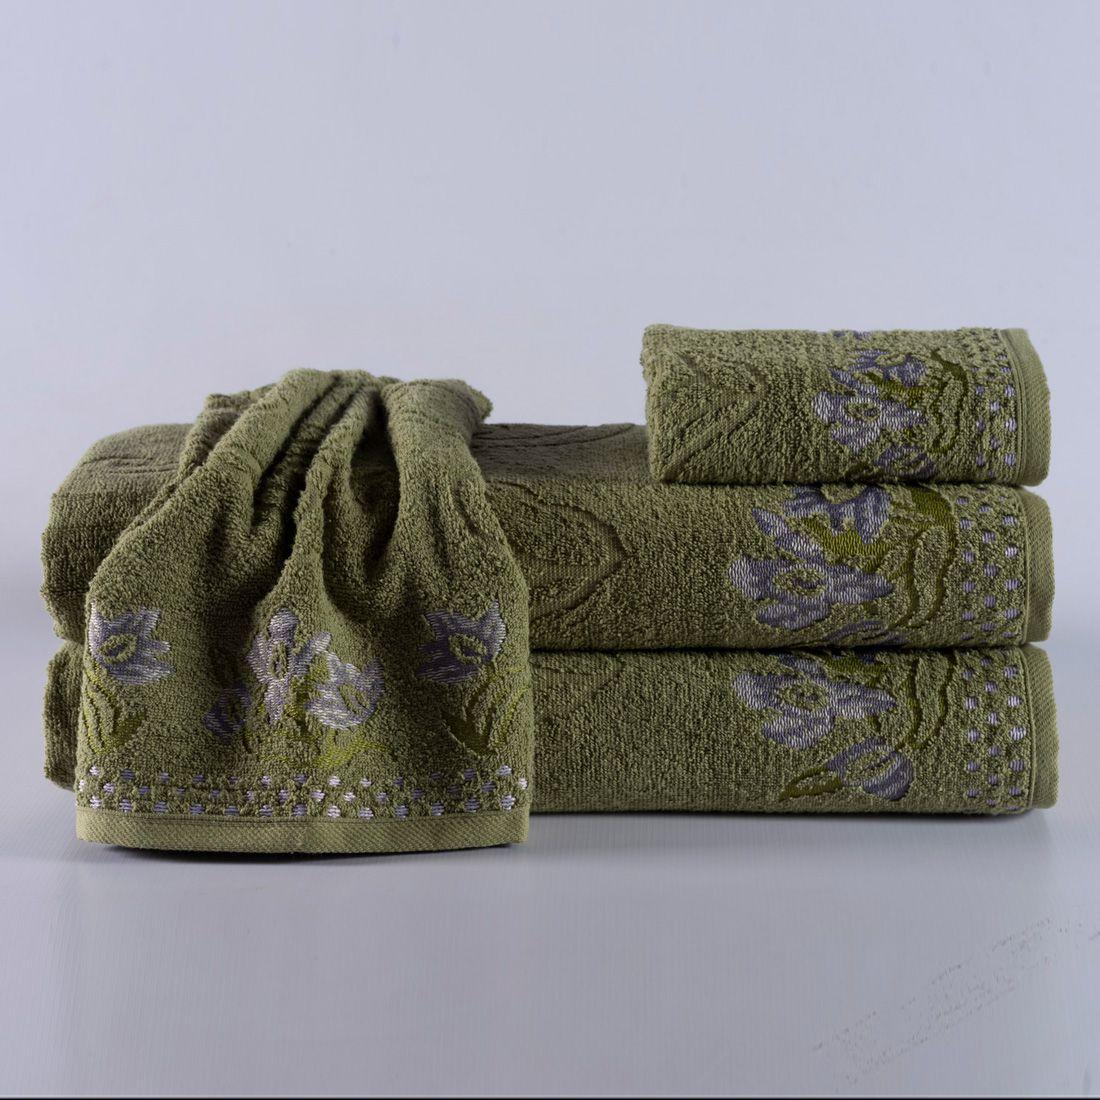 Jogo de Banho Isis Verde Cactus Felpa 100% Algodão 400g/m² - 04 Peças